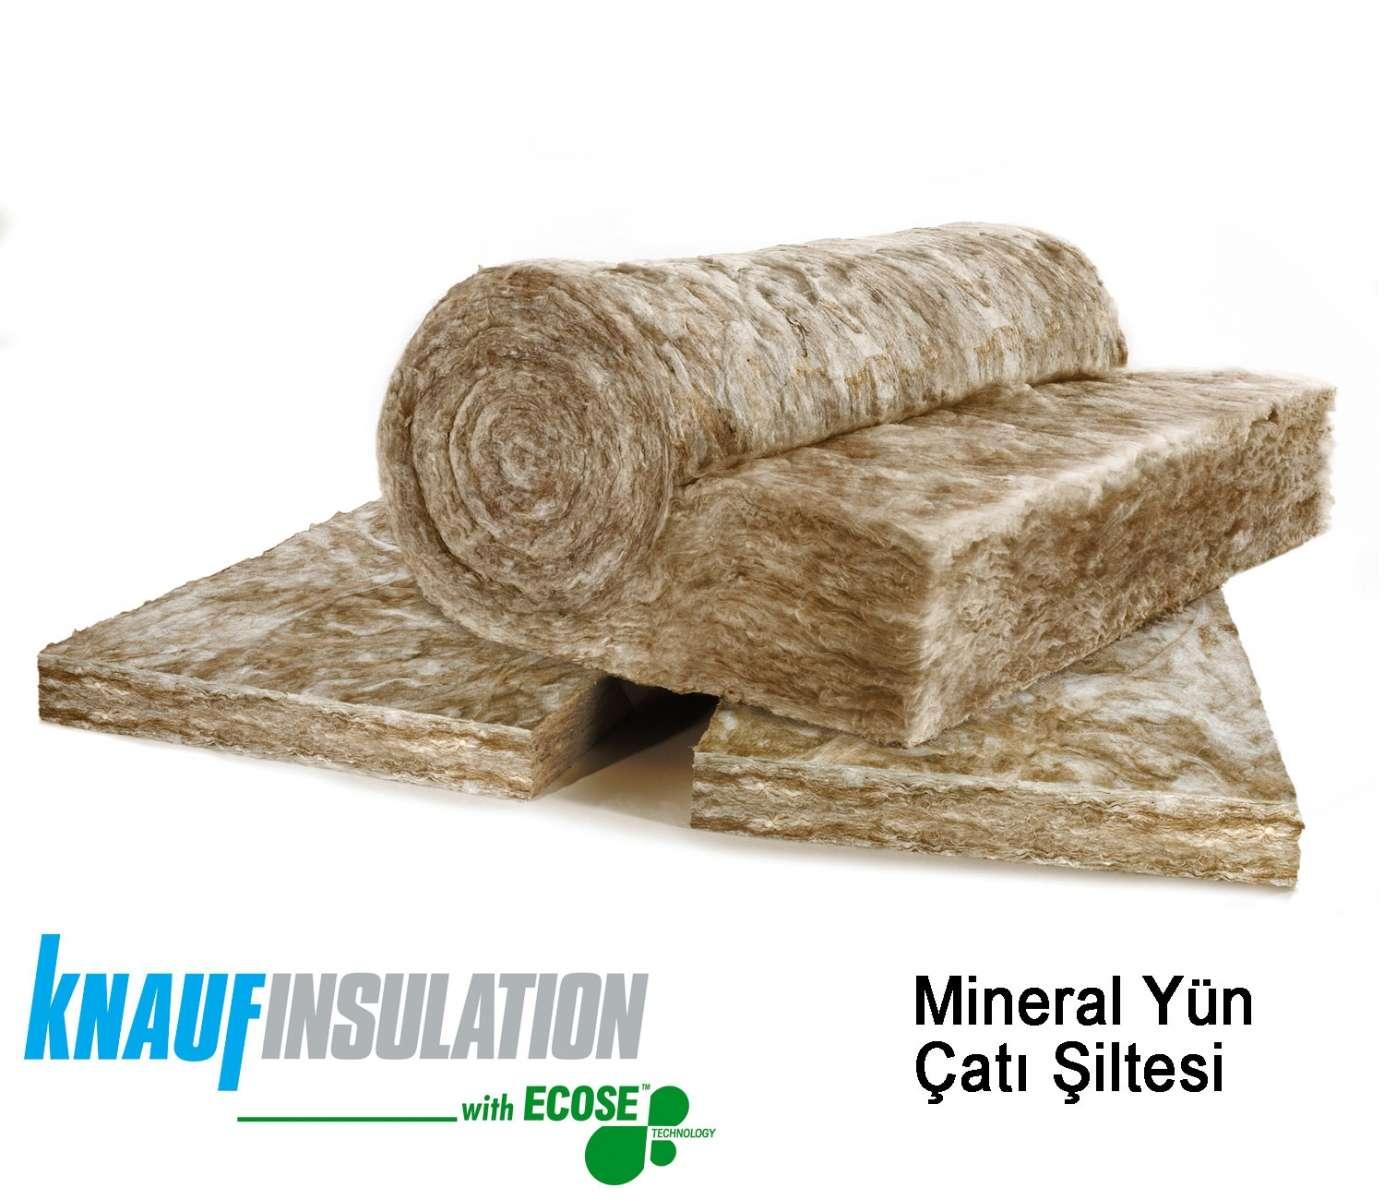 Knauf Mineral Yün Çatı Şiltesi Çıplak 10 cm